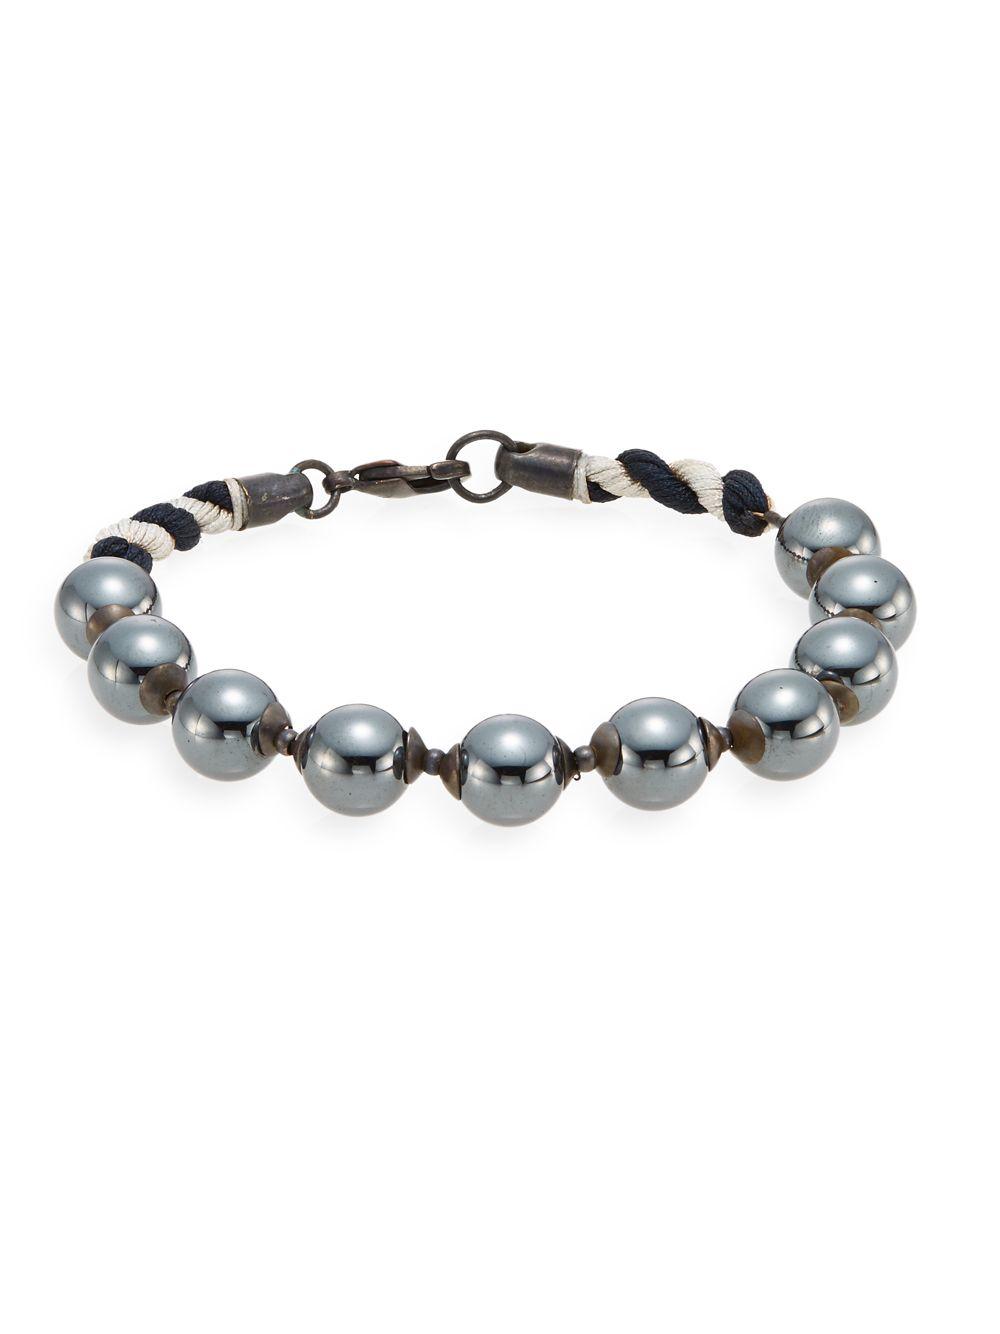 e66e5fde86047 Lyst - Jan Leslie Hematite Beaded Bracelet in Gray